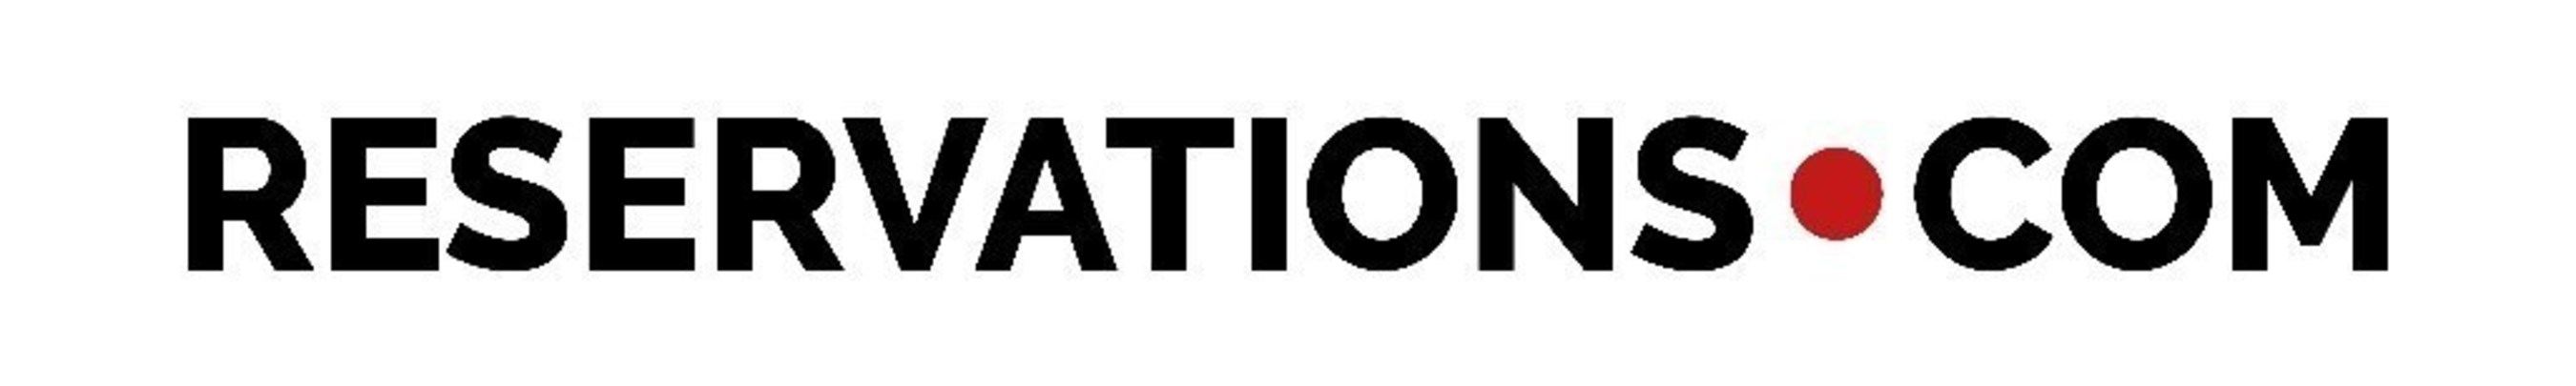 Reservations.com logo (PRNewsFoto/Reservations.com)